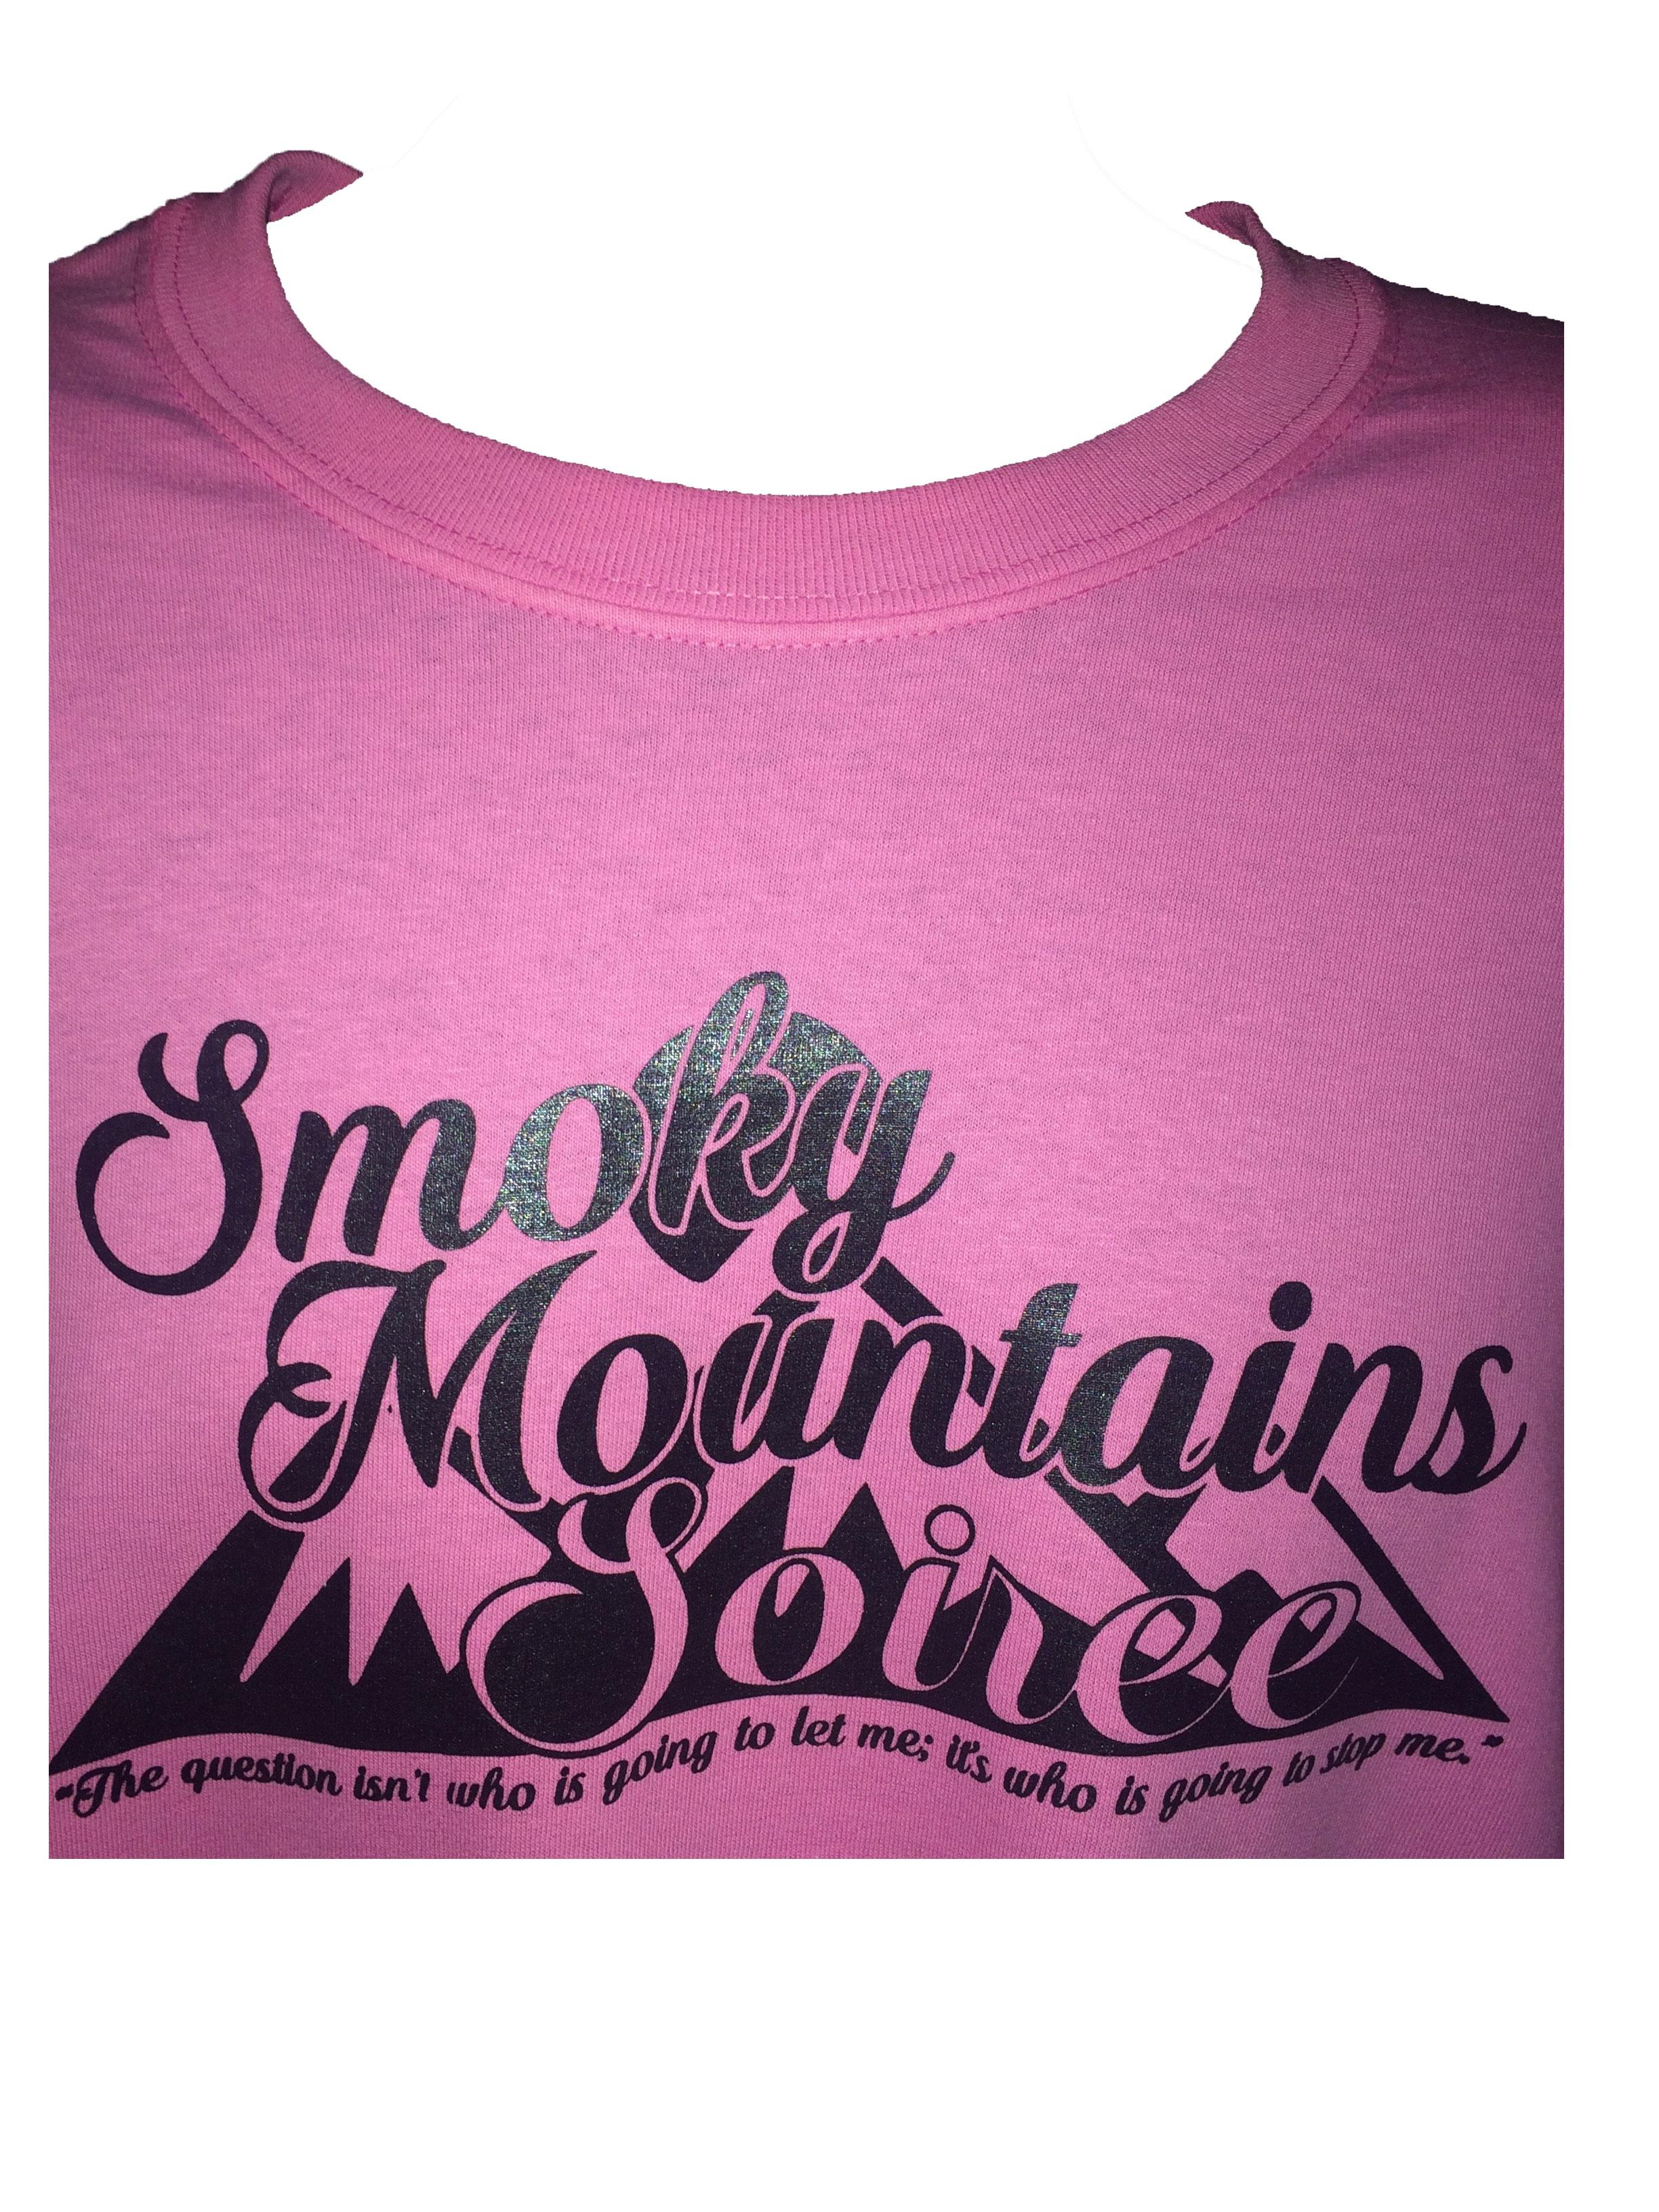 Smoky-1